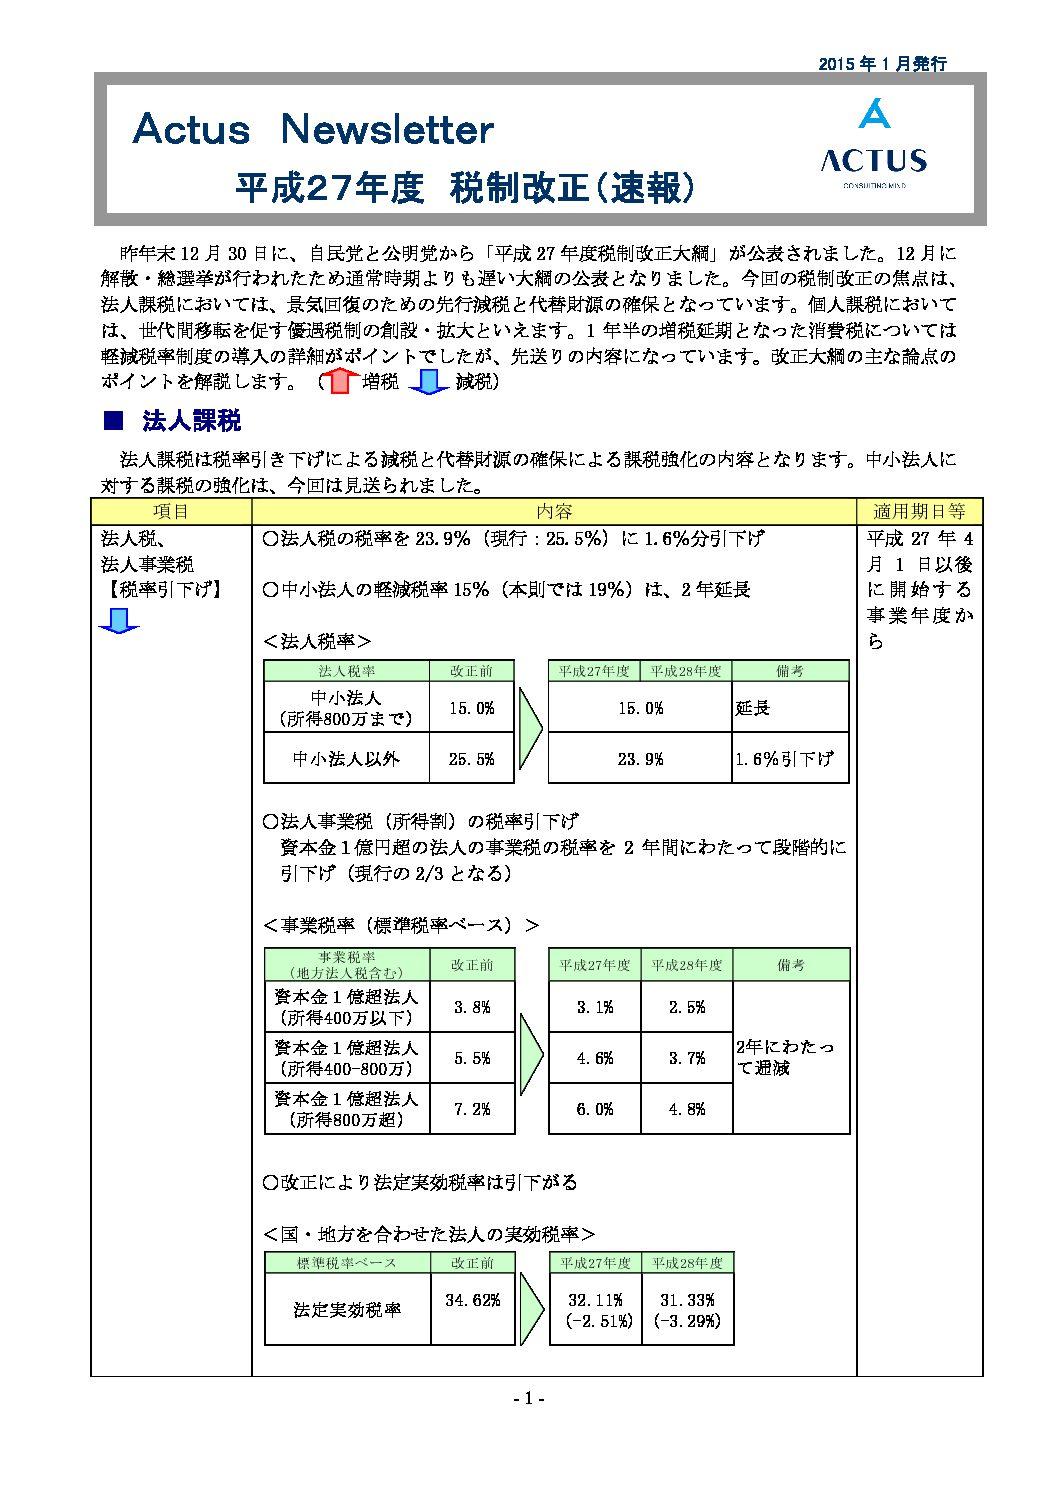 平成27年度税制改正について(速報)